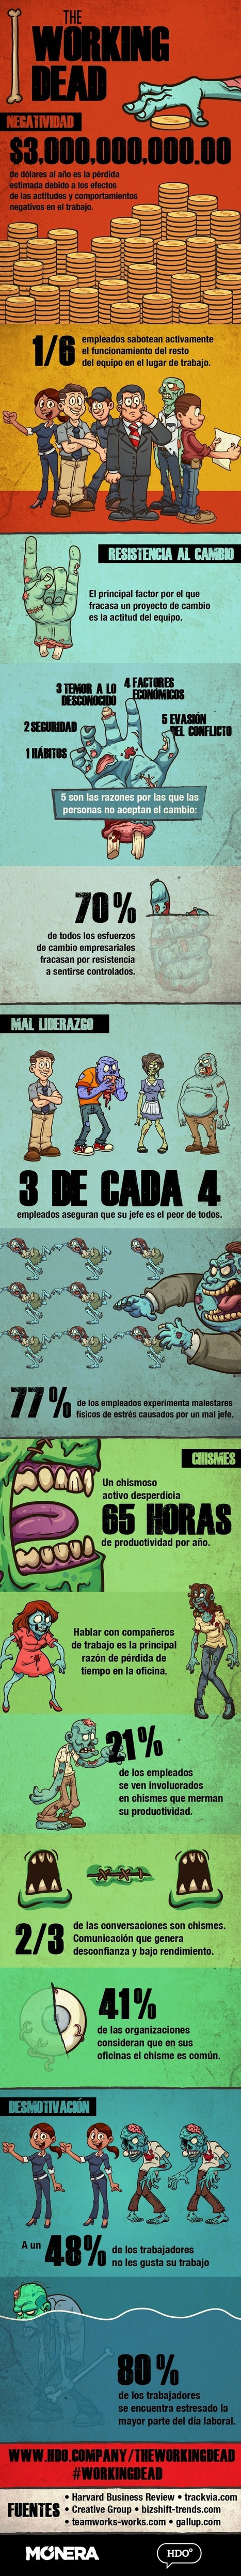 The Working Dead #infografia #infographic #rrhh | Educación con tecnología | Scoop.it